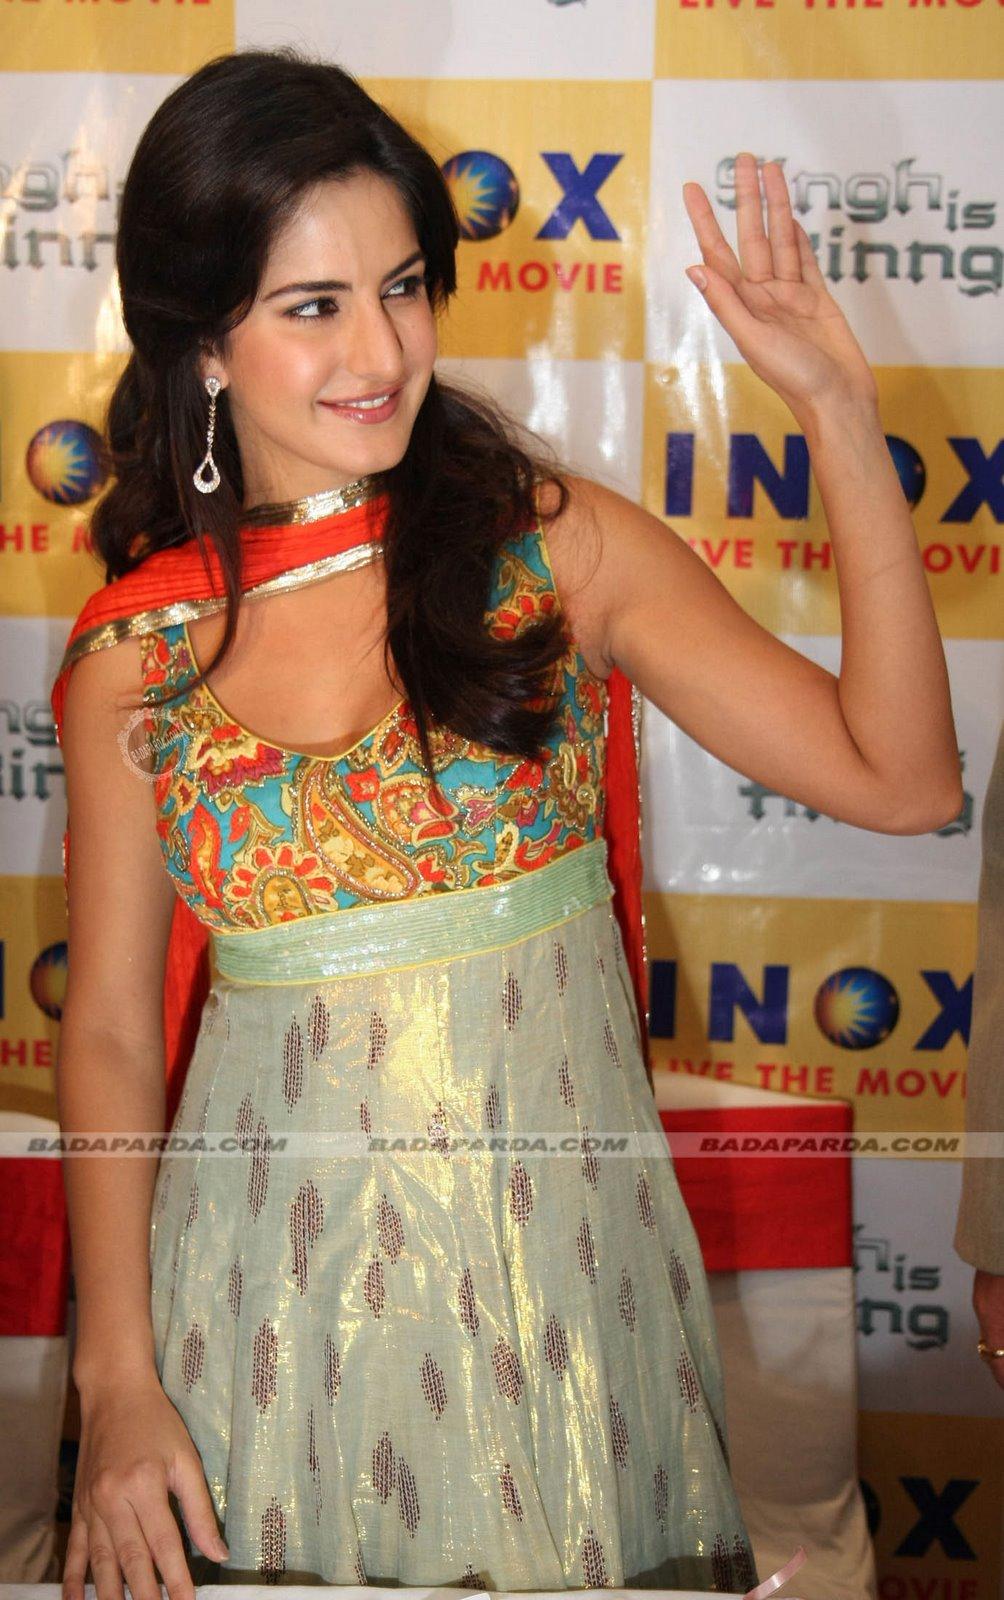 Jancuk Blogs Katrina Kaif In Salwar Real Life Pics-7355